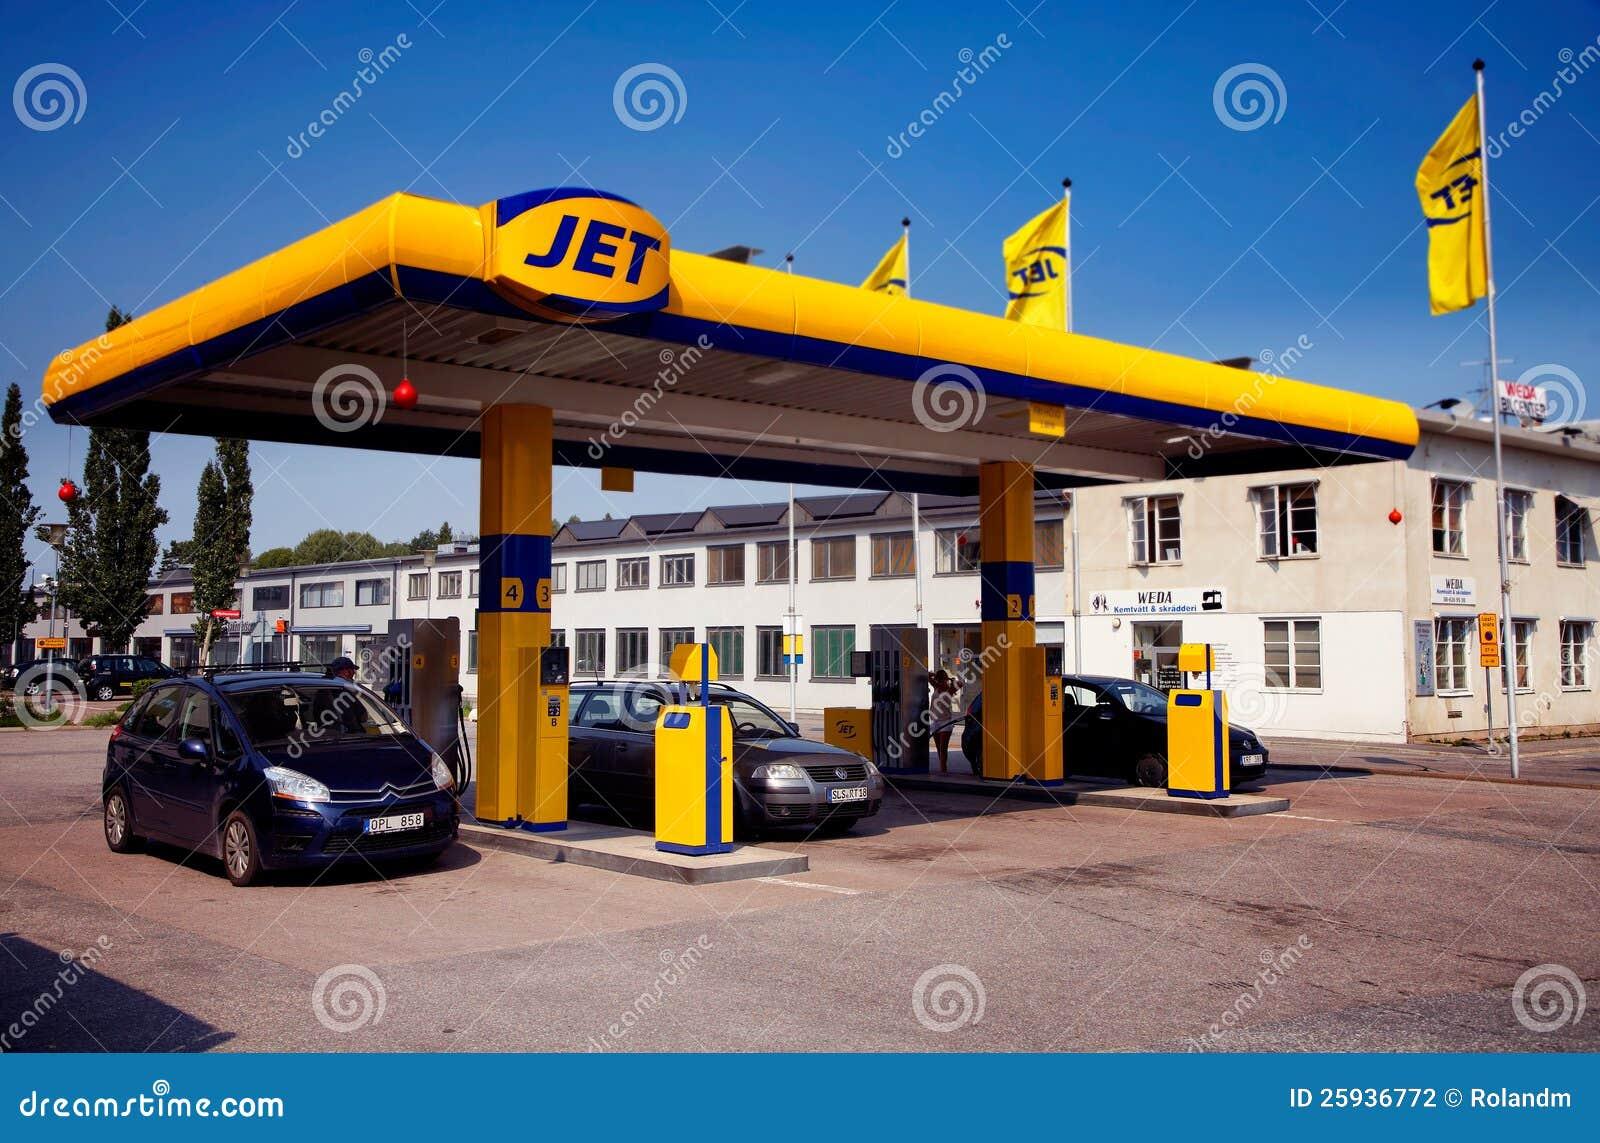 Gas station, JET